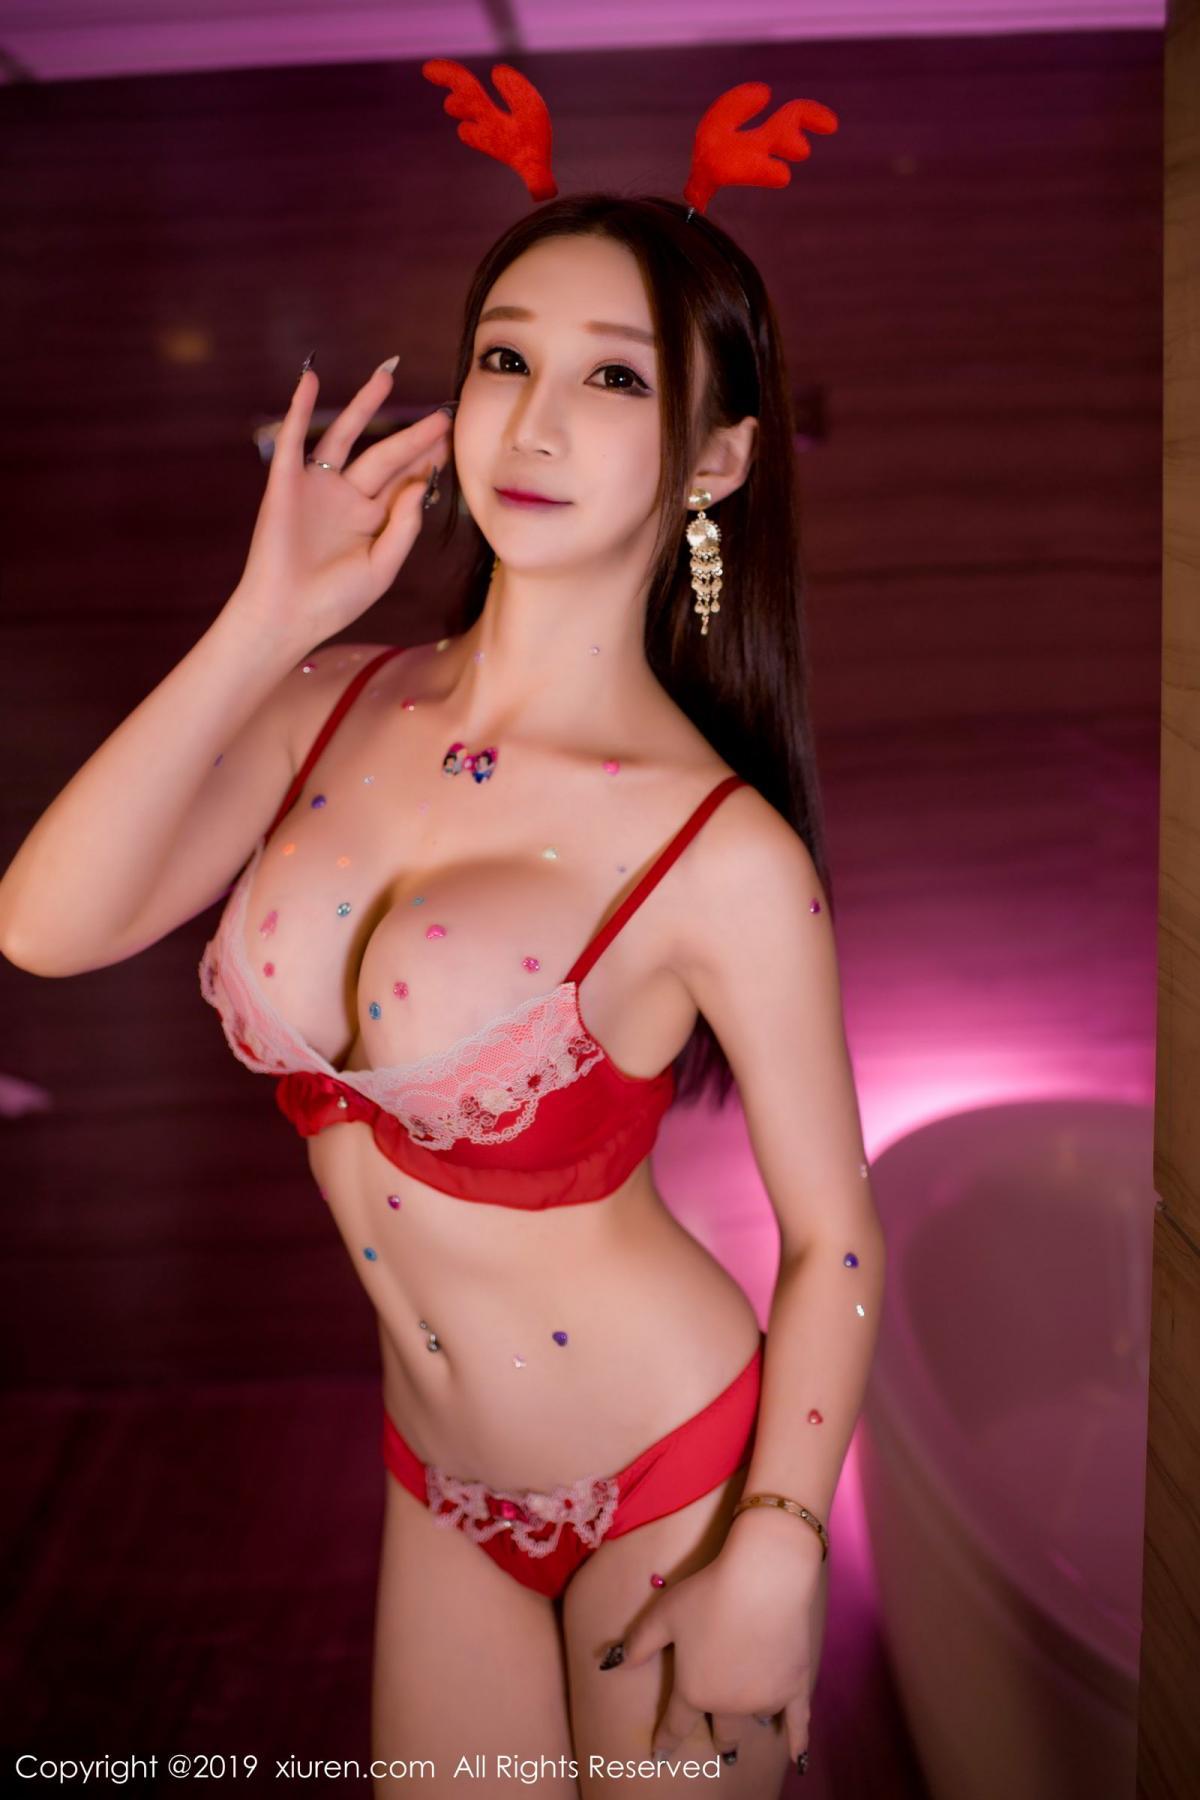 [XiuRen] Vol.1506 Li Mi Er 27P, Li Mi Er, Underwear, Xiuren